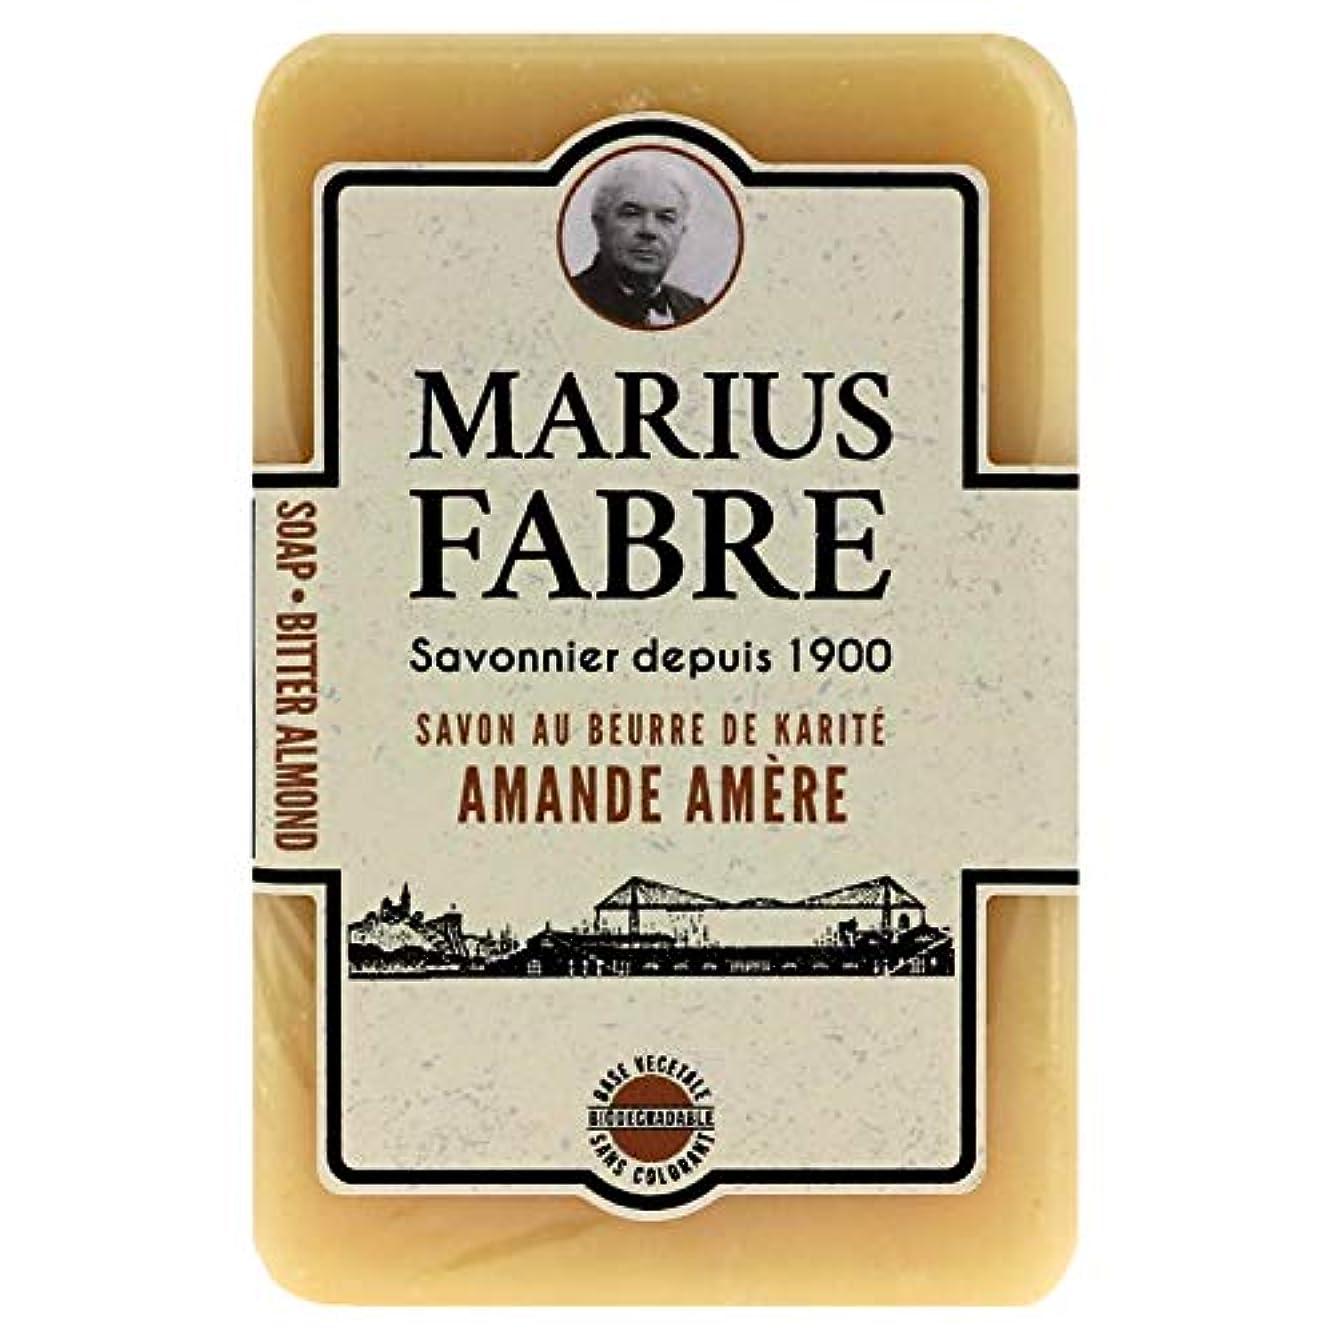 出血バリア重大サボンドマルセイユ 1900 ビターアーモンド 250g